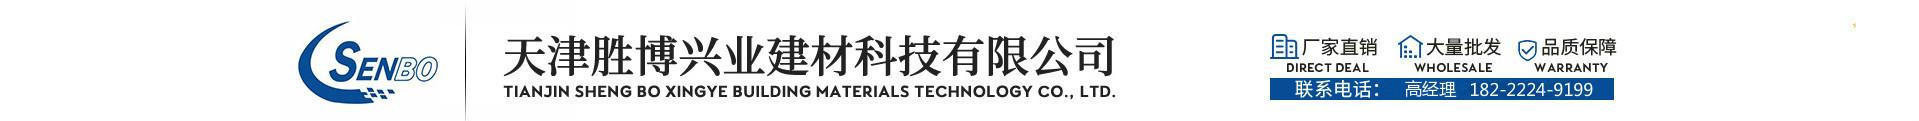 天津勝博興業建材科技有限公司